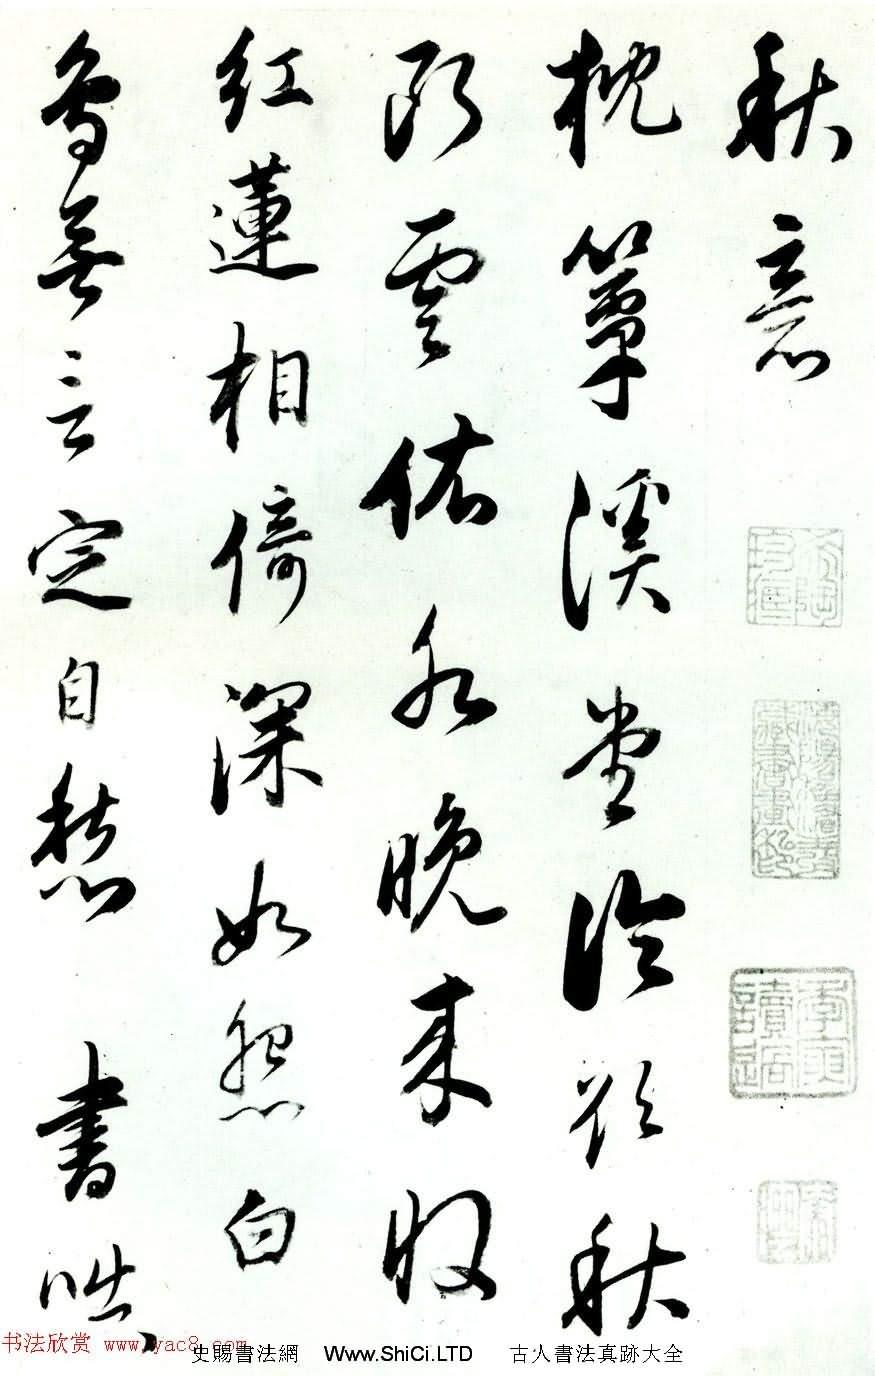 明代董其昌74歲行書《宋人詞冊》(共21張圖片)